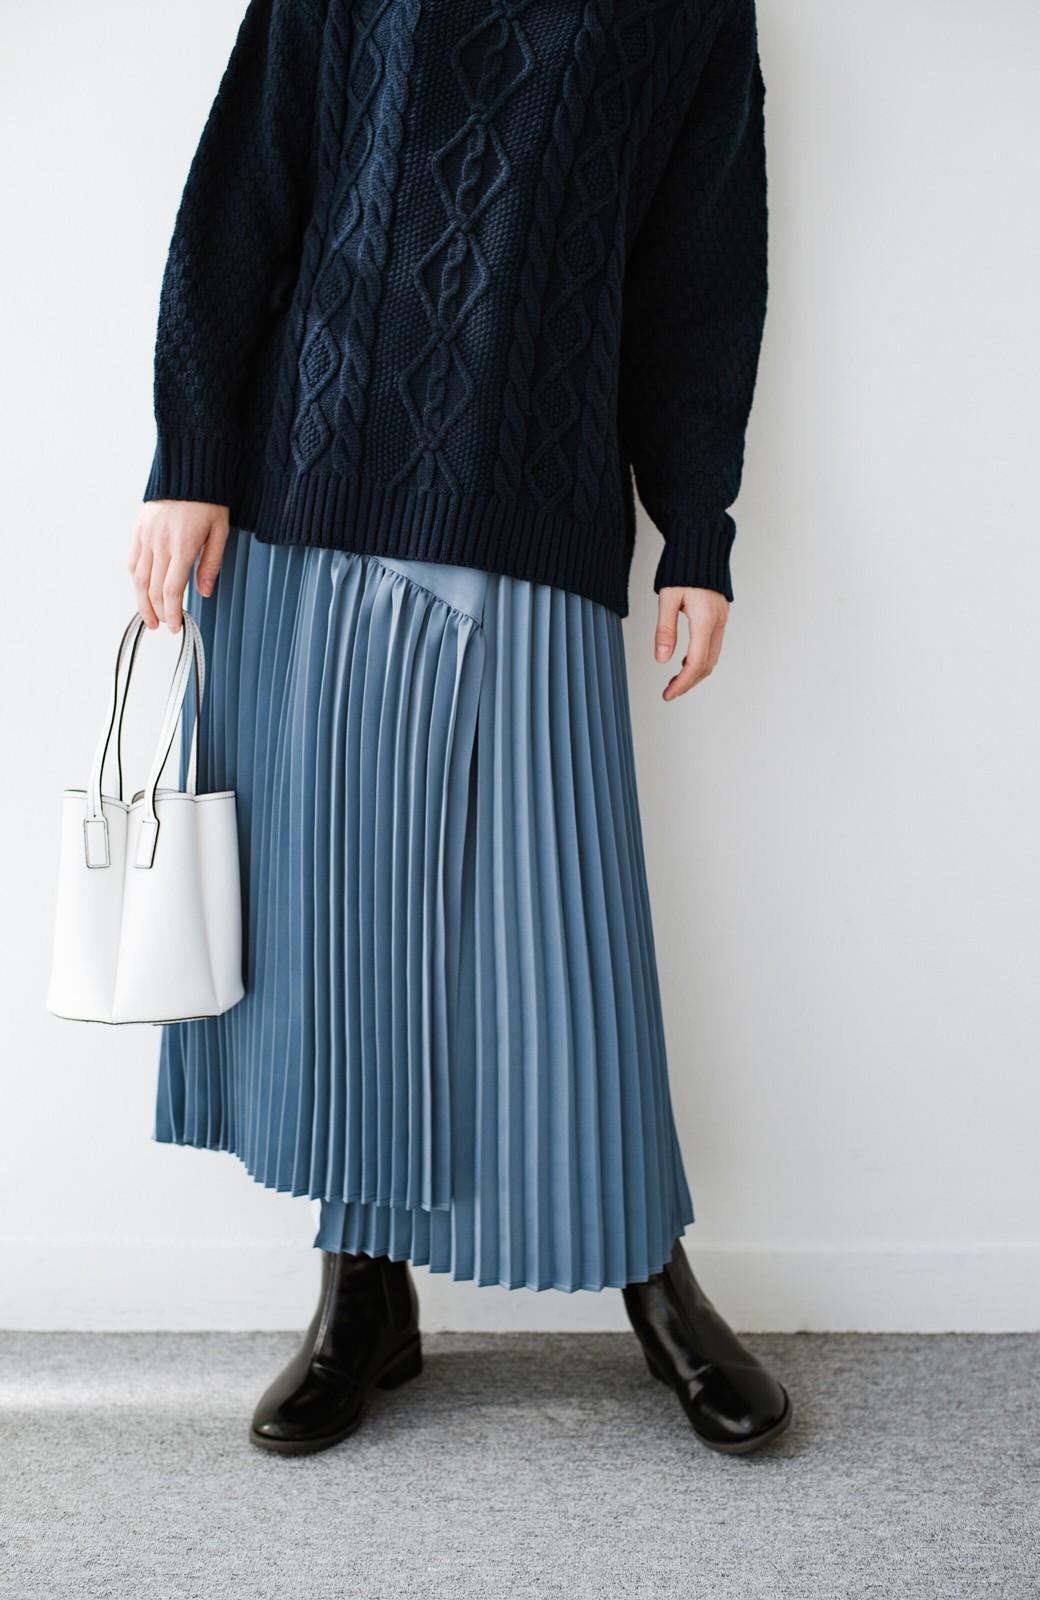 haco! 【スザンヌさんコラボ】スウェットもTシャツも着映えさせる!ラップデザイン風アシンメトリーサテンプリーツスカート by LOVE&PEACE PROJECT <ブルー>の商品写真17